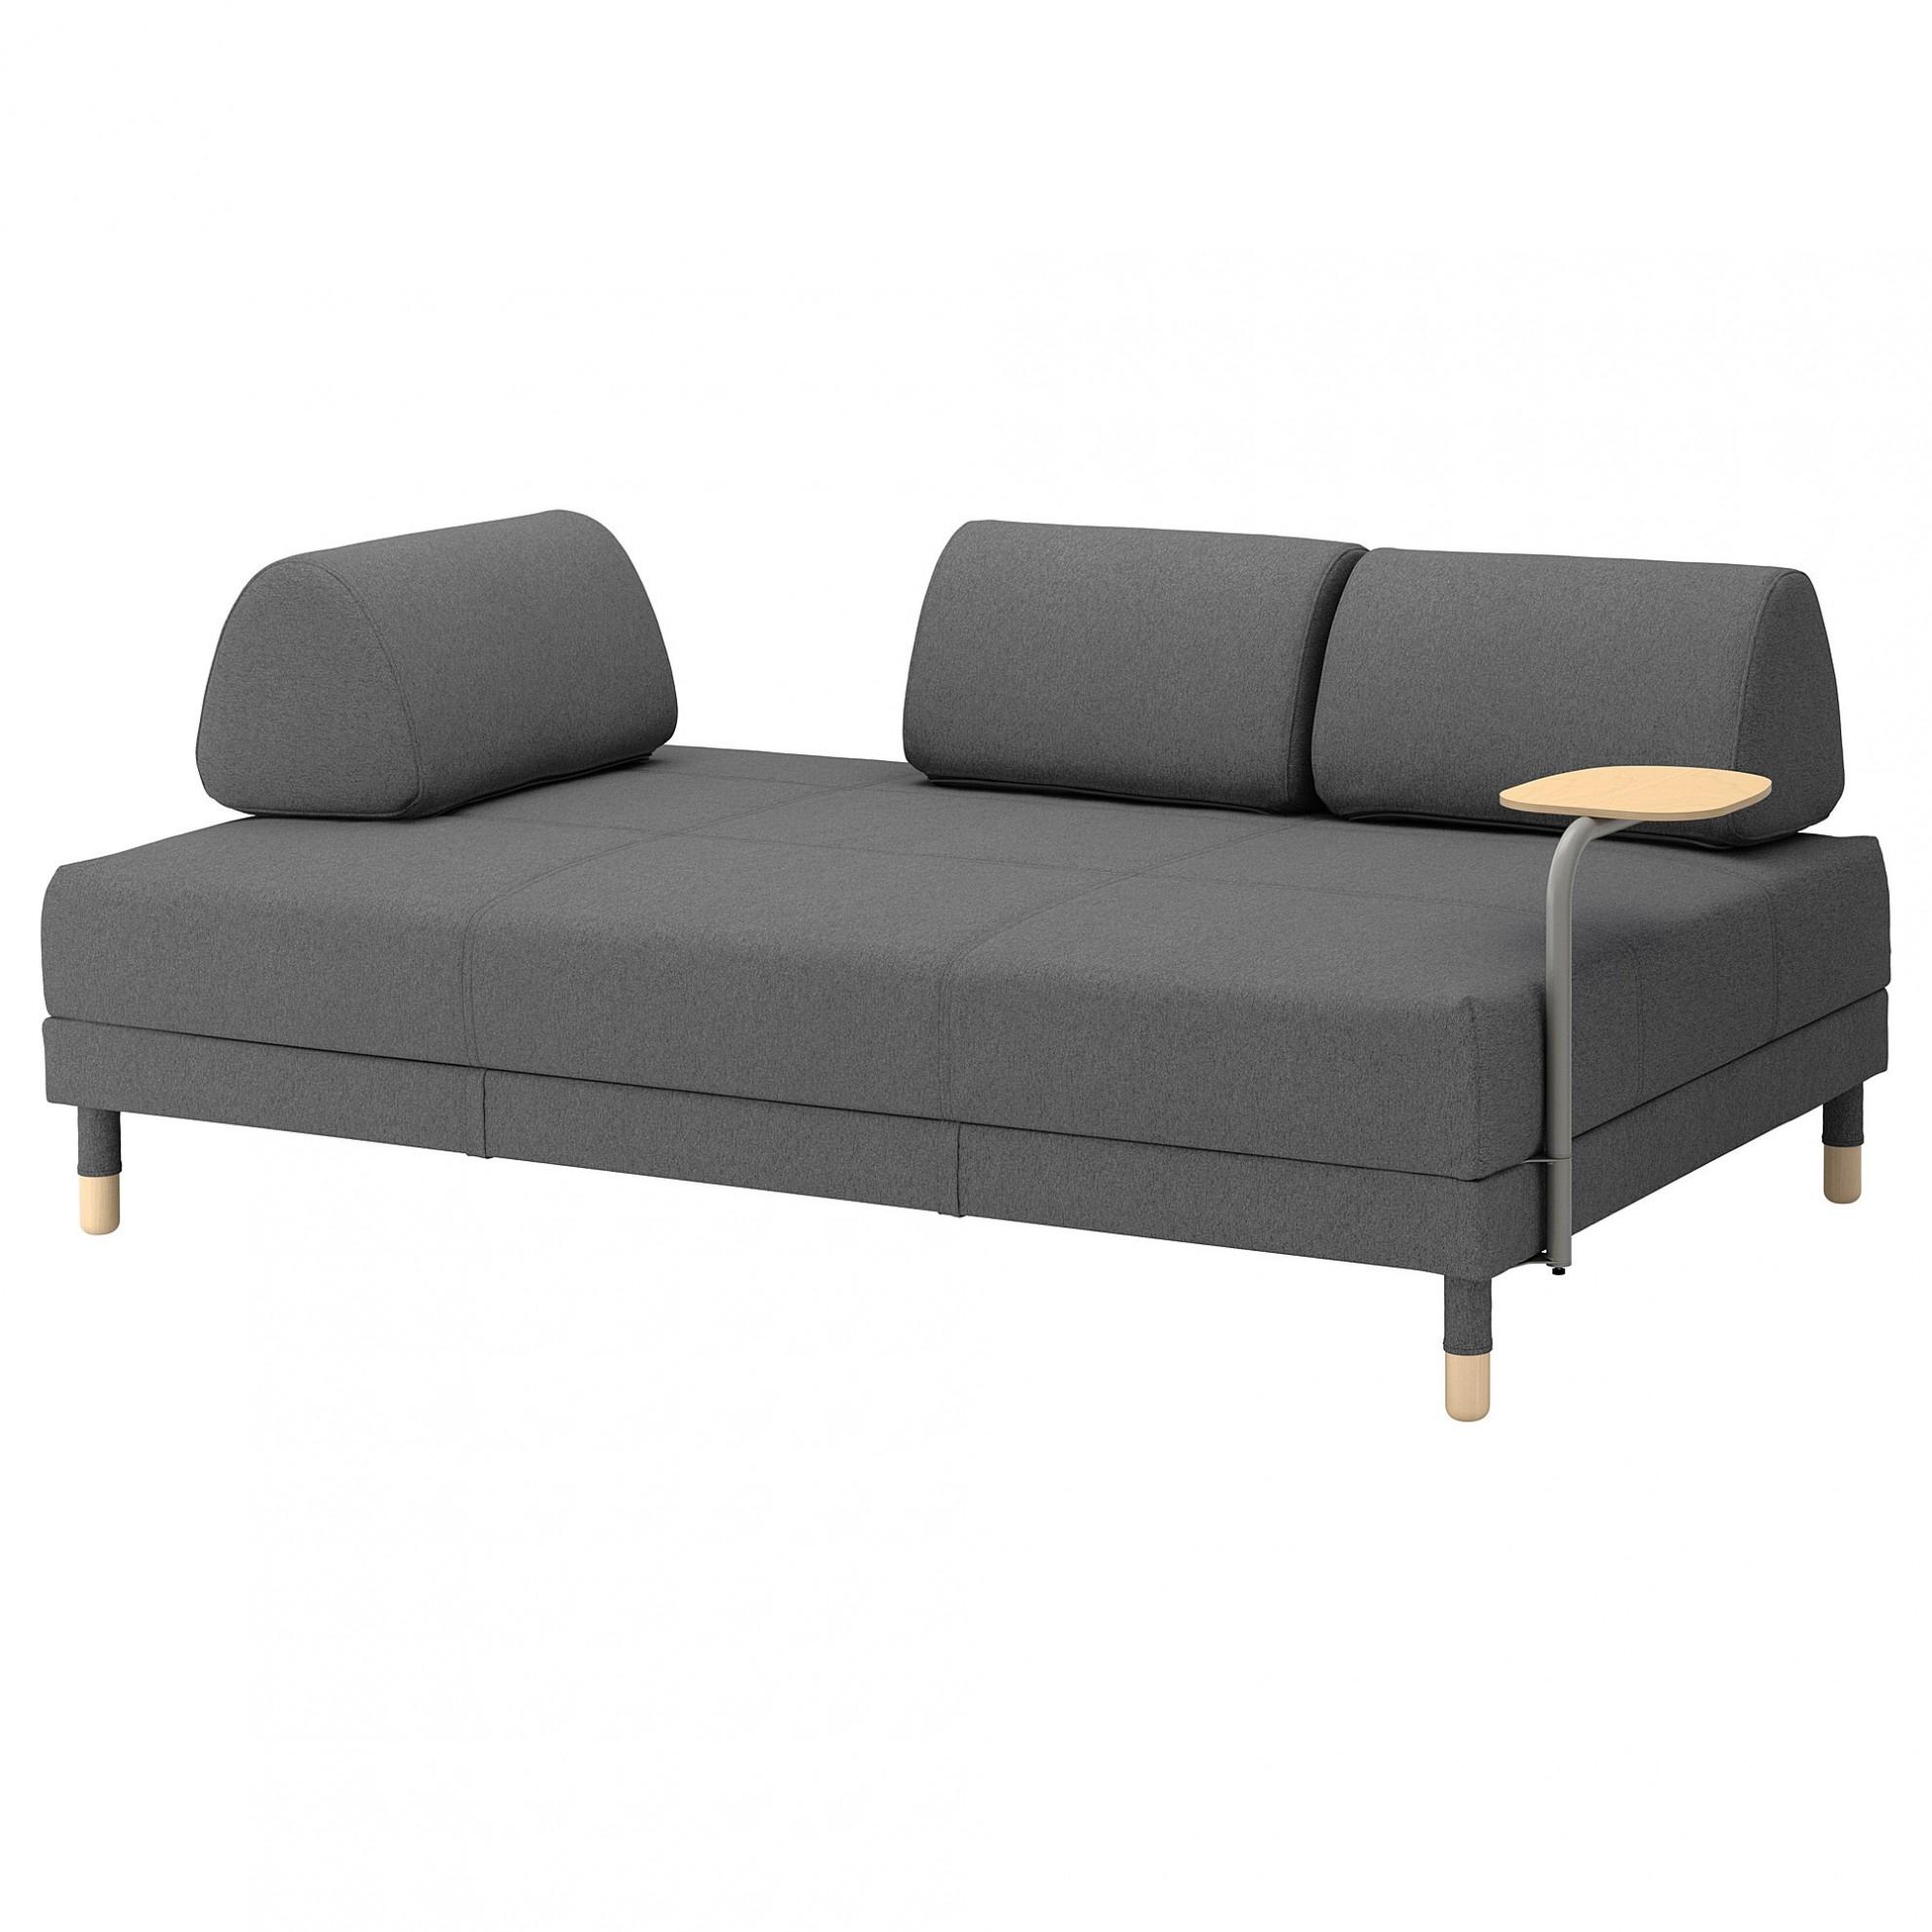 Petit Canapé Convertible Ikea Frais Stock Lesmeubles Housse De Canapé Bz Lesmeubles